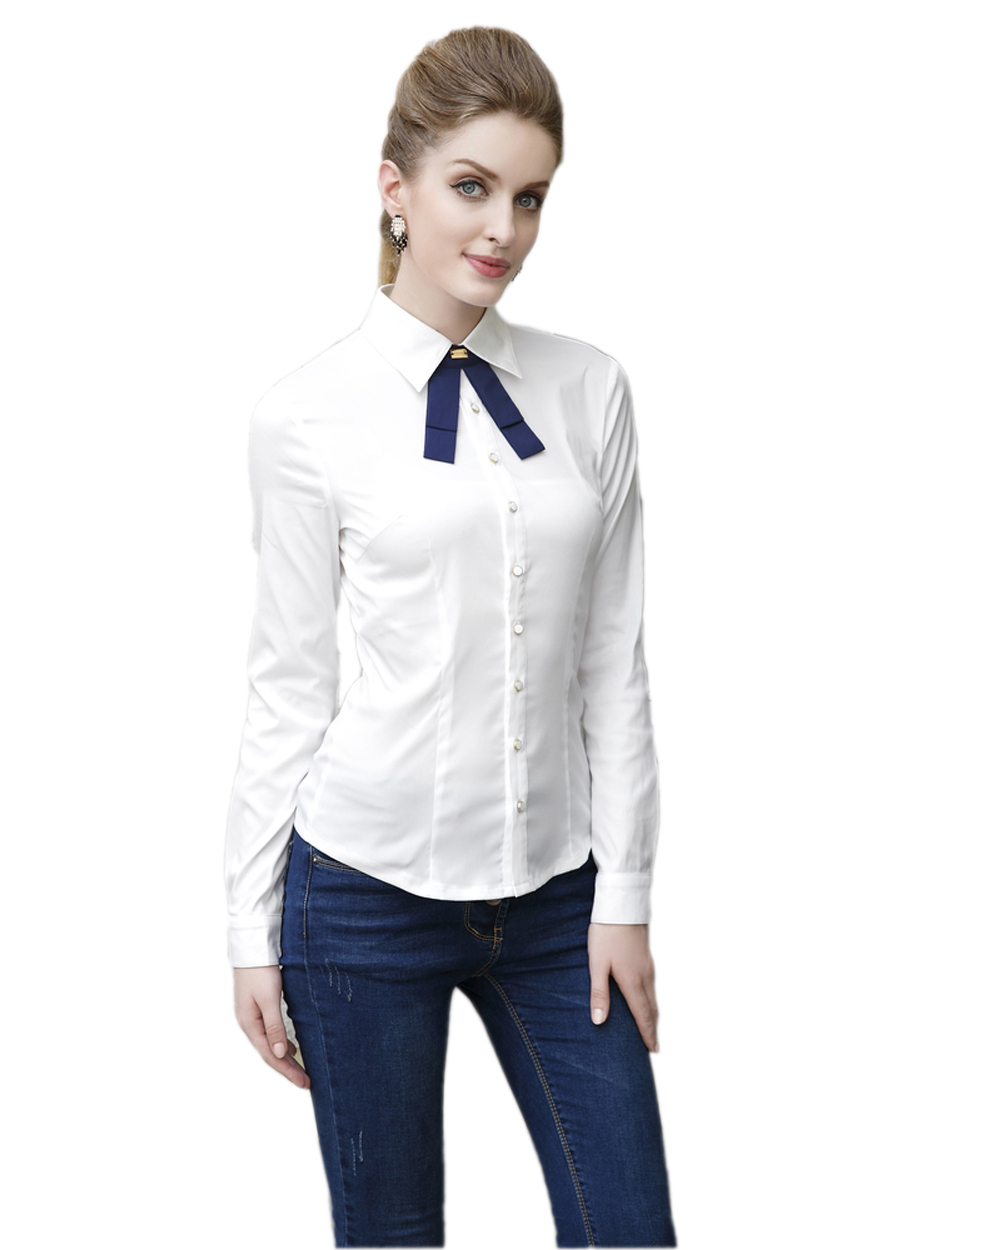 Блузка С Галстуком Женская Доставка